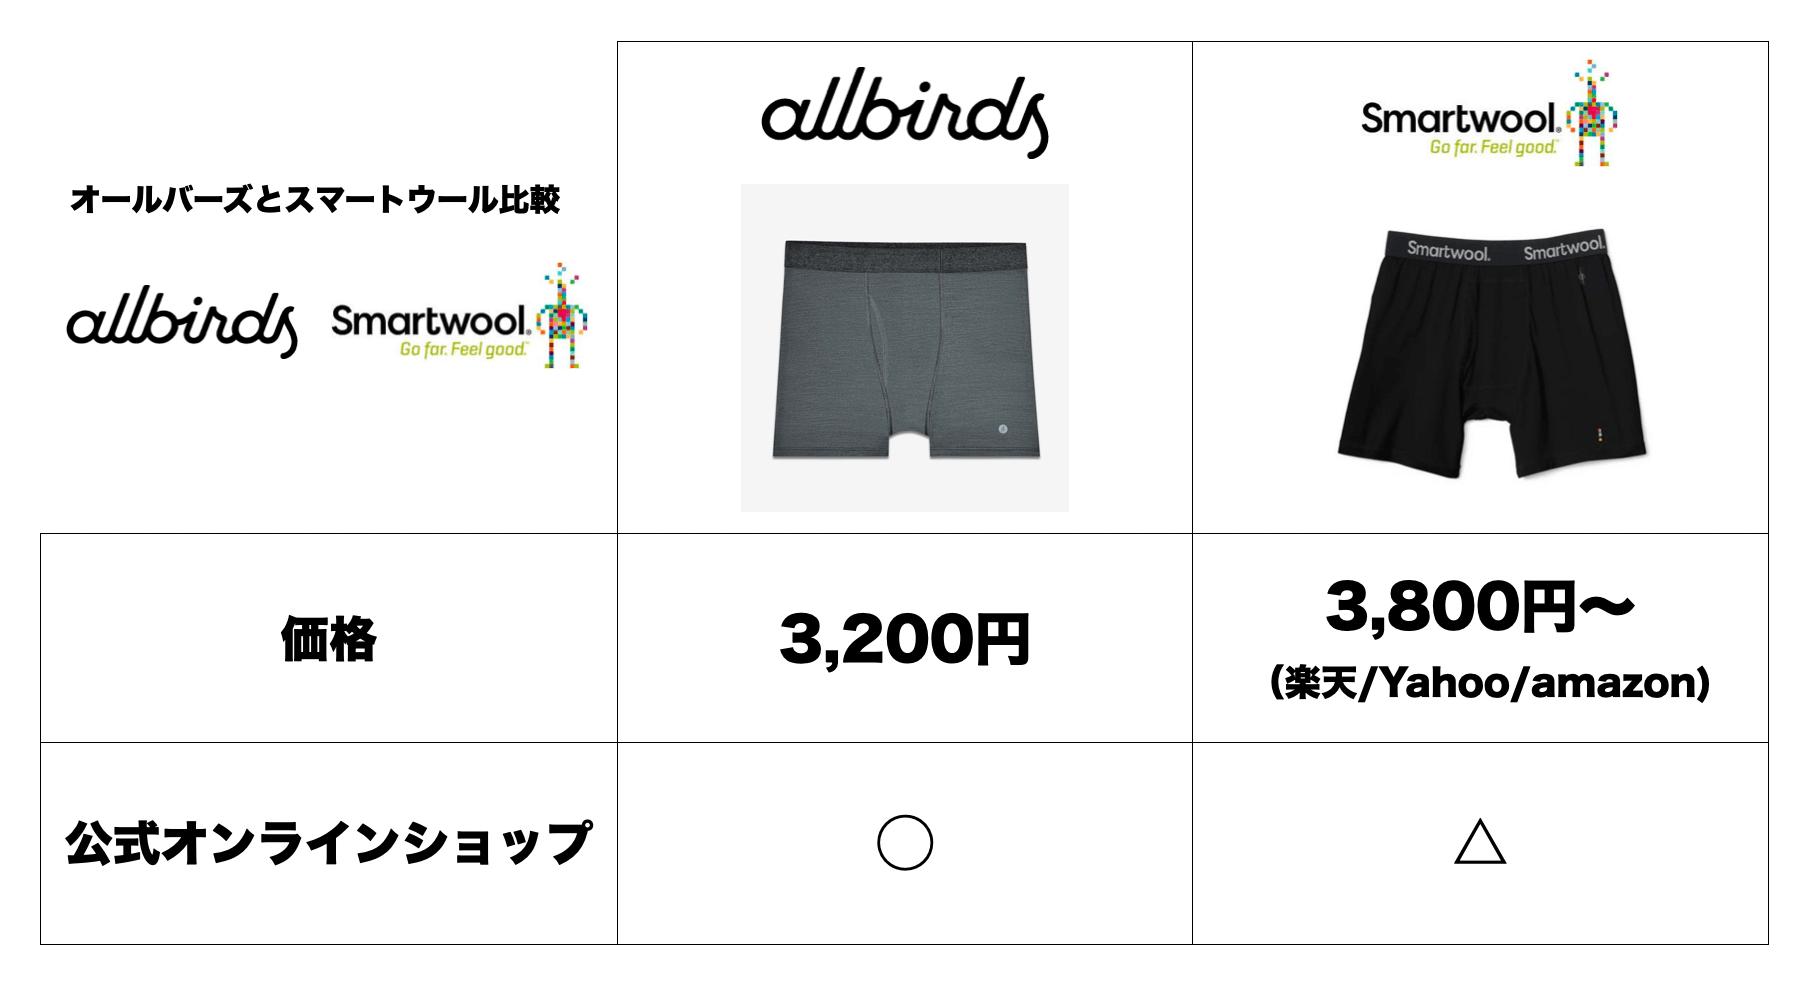 【メリノウール製】オールバーズとスマートウールの肌着の使用感を比較レビュー(Allbirs:Smartwool)1